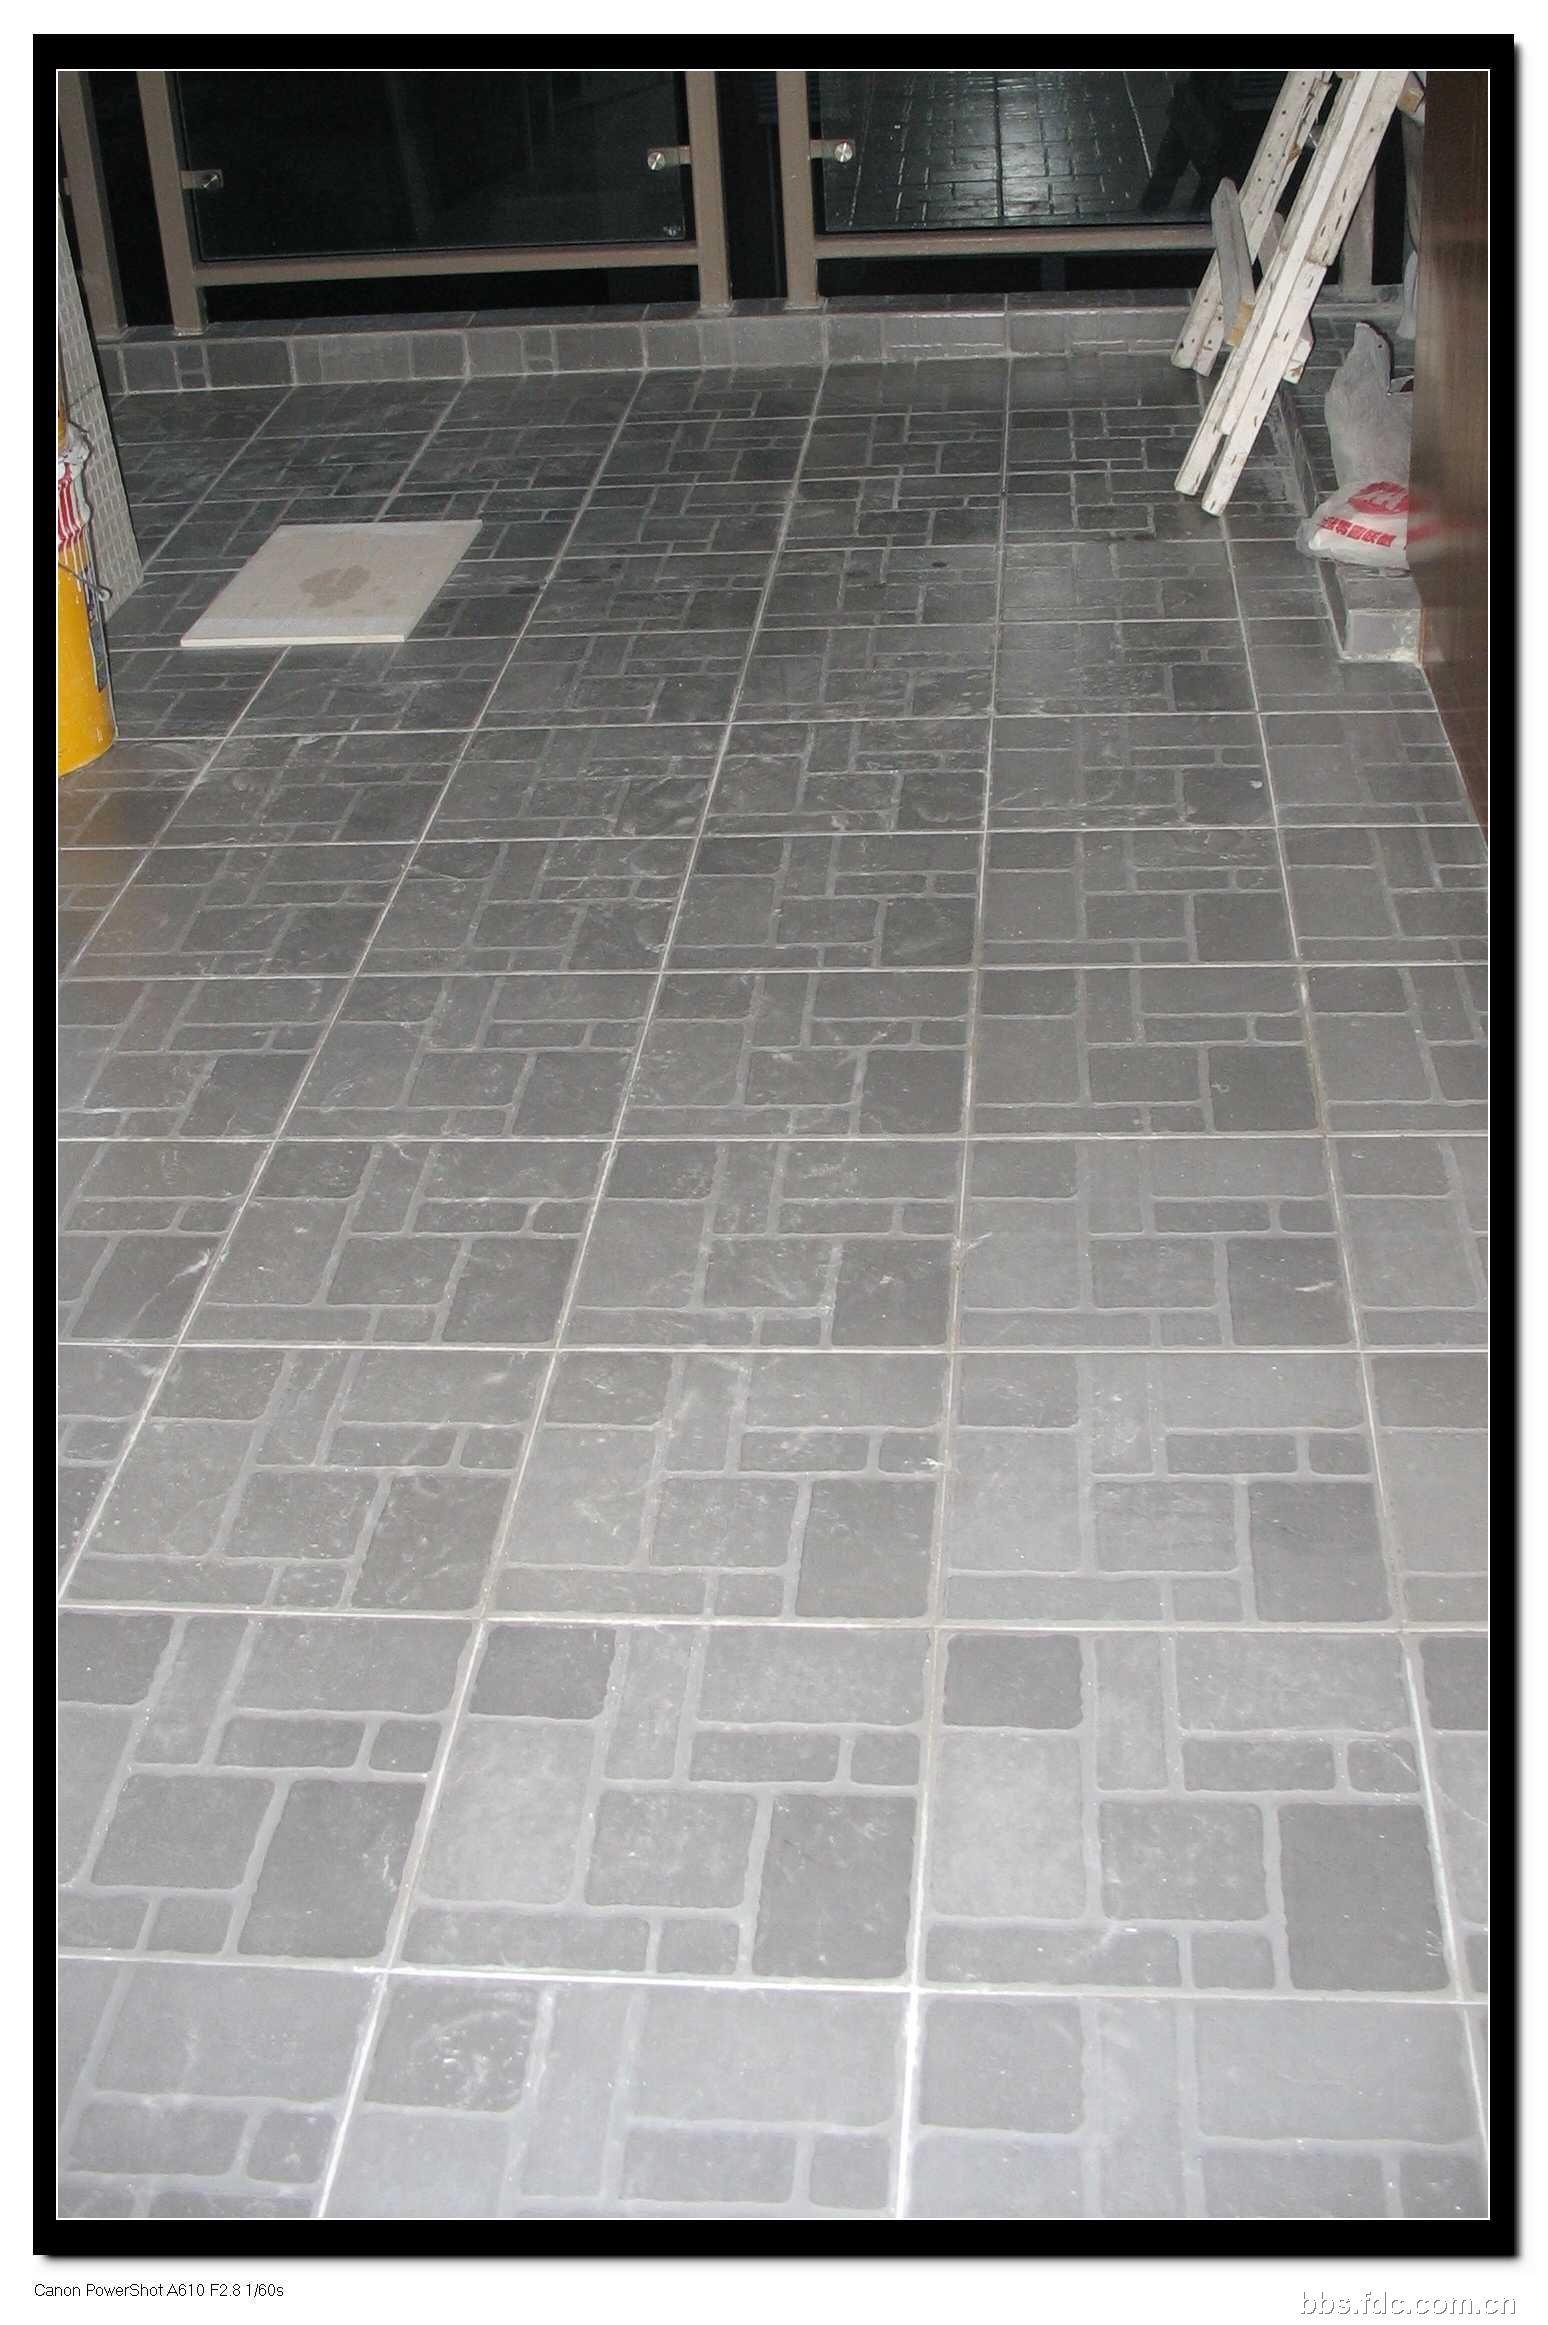 灰色外墙砖高清贴图; 房屋外墙瓷砖搭配图片;